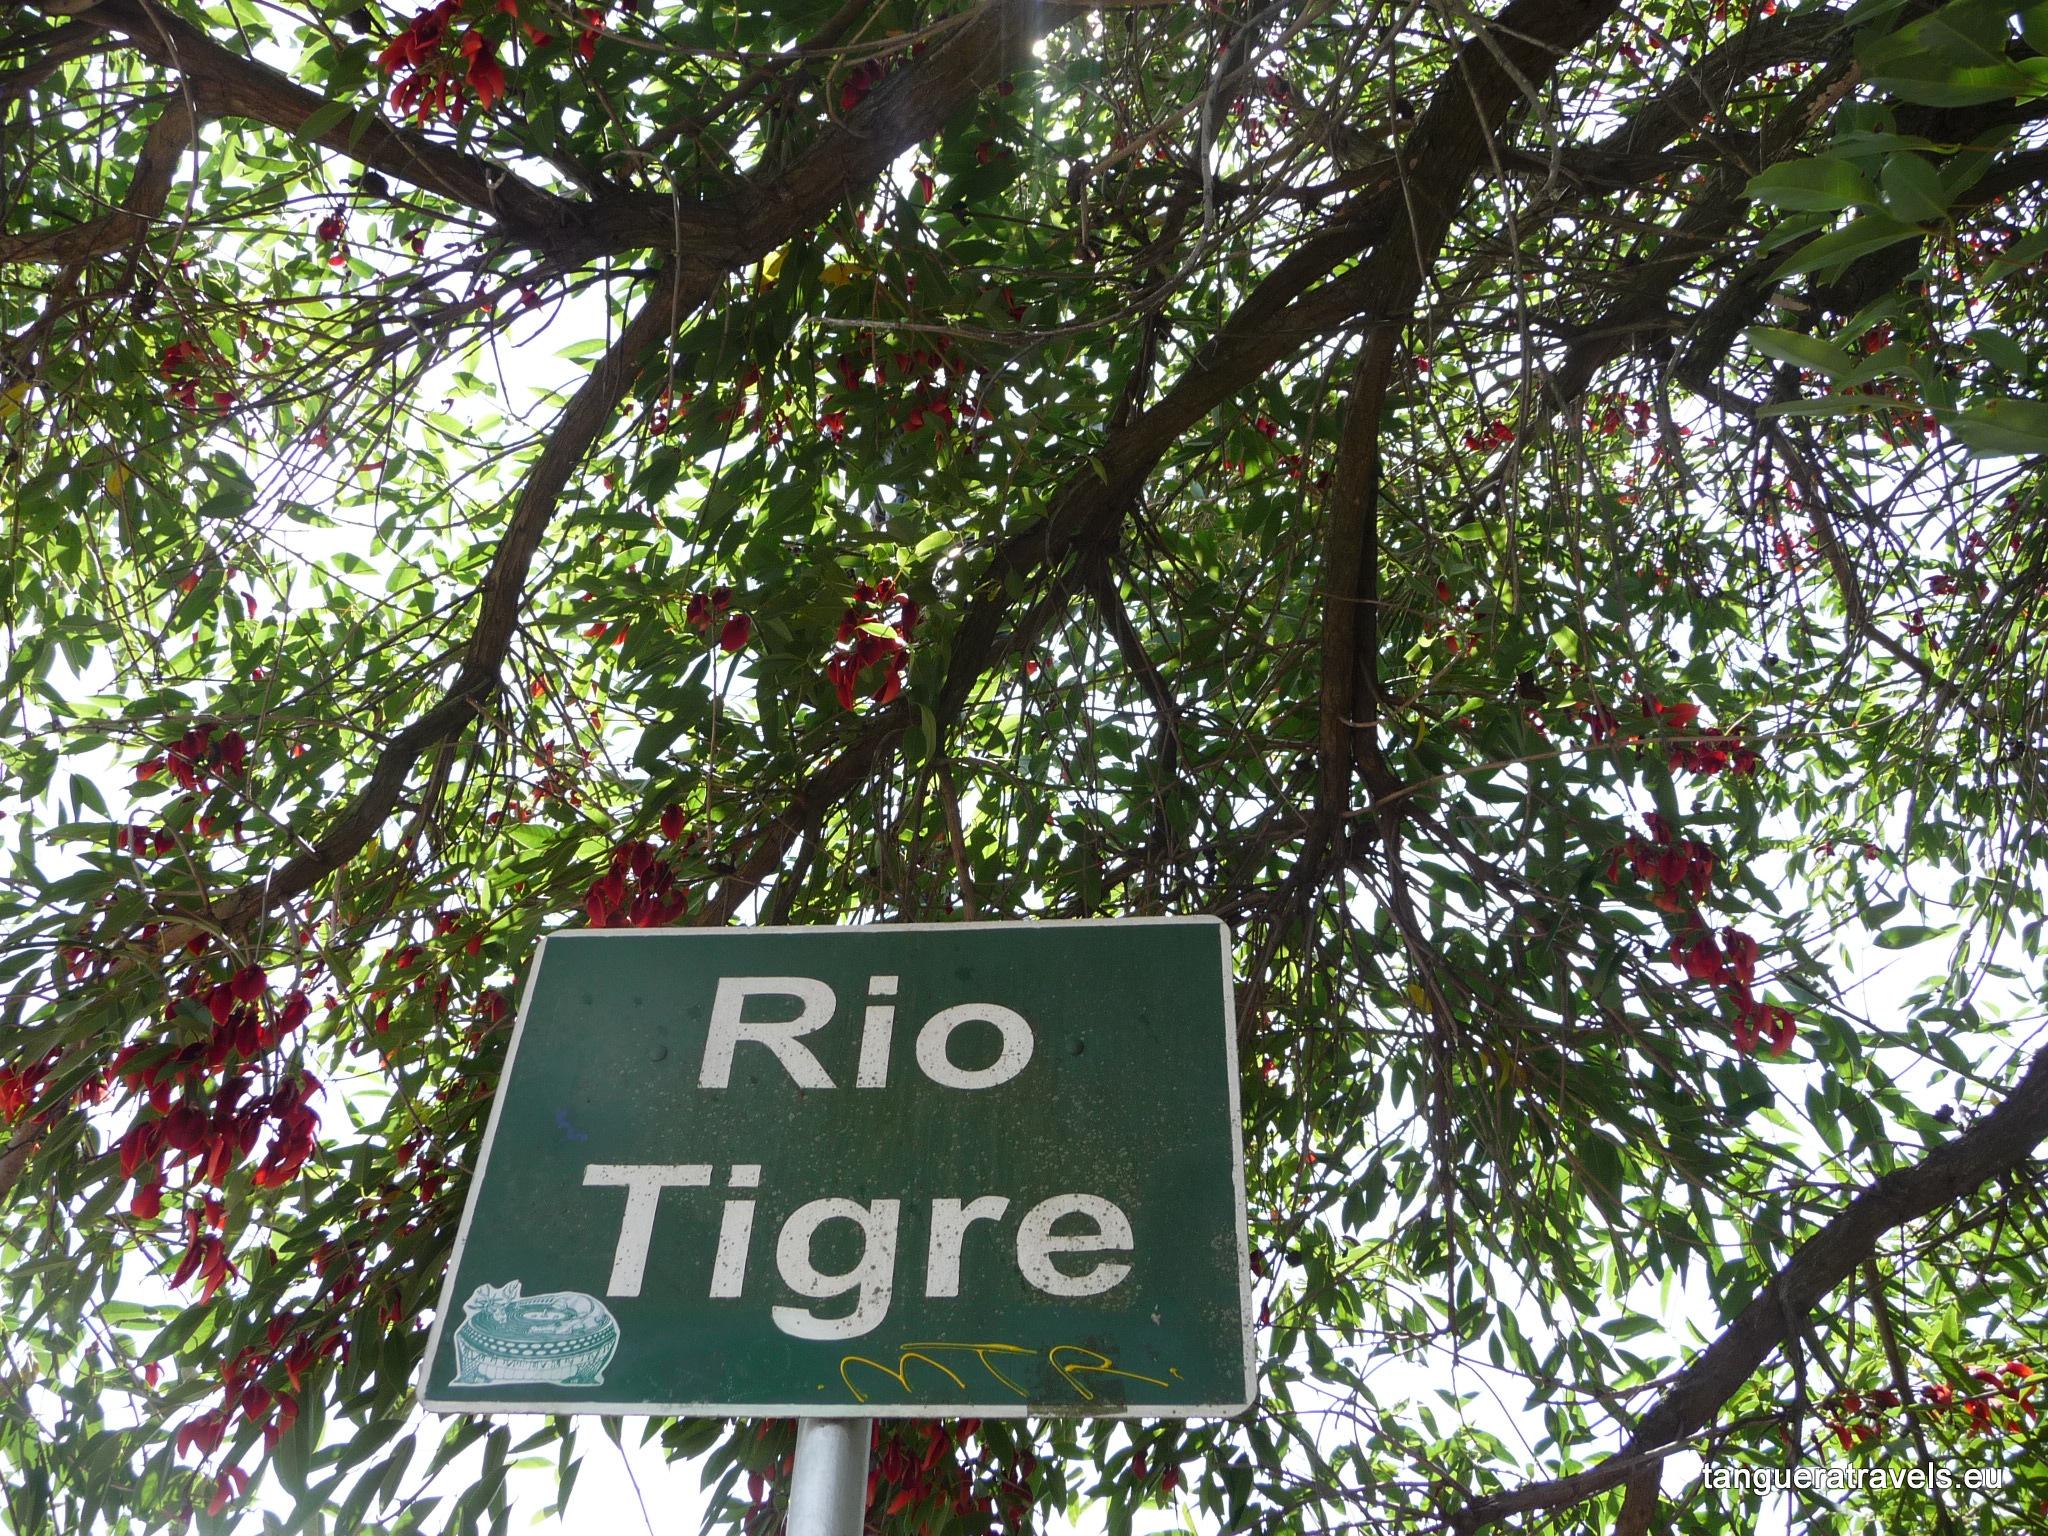 Rio Tigre sign